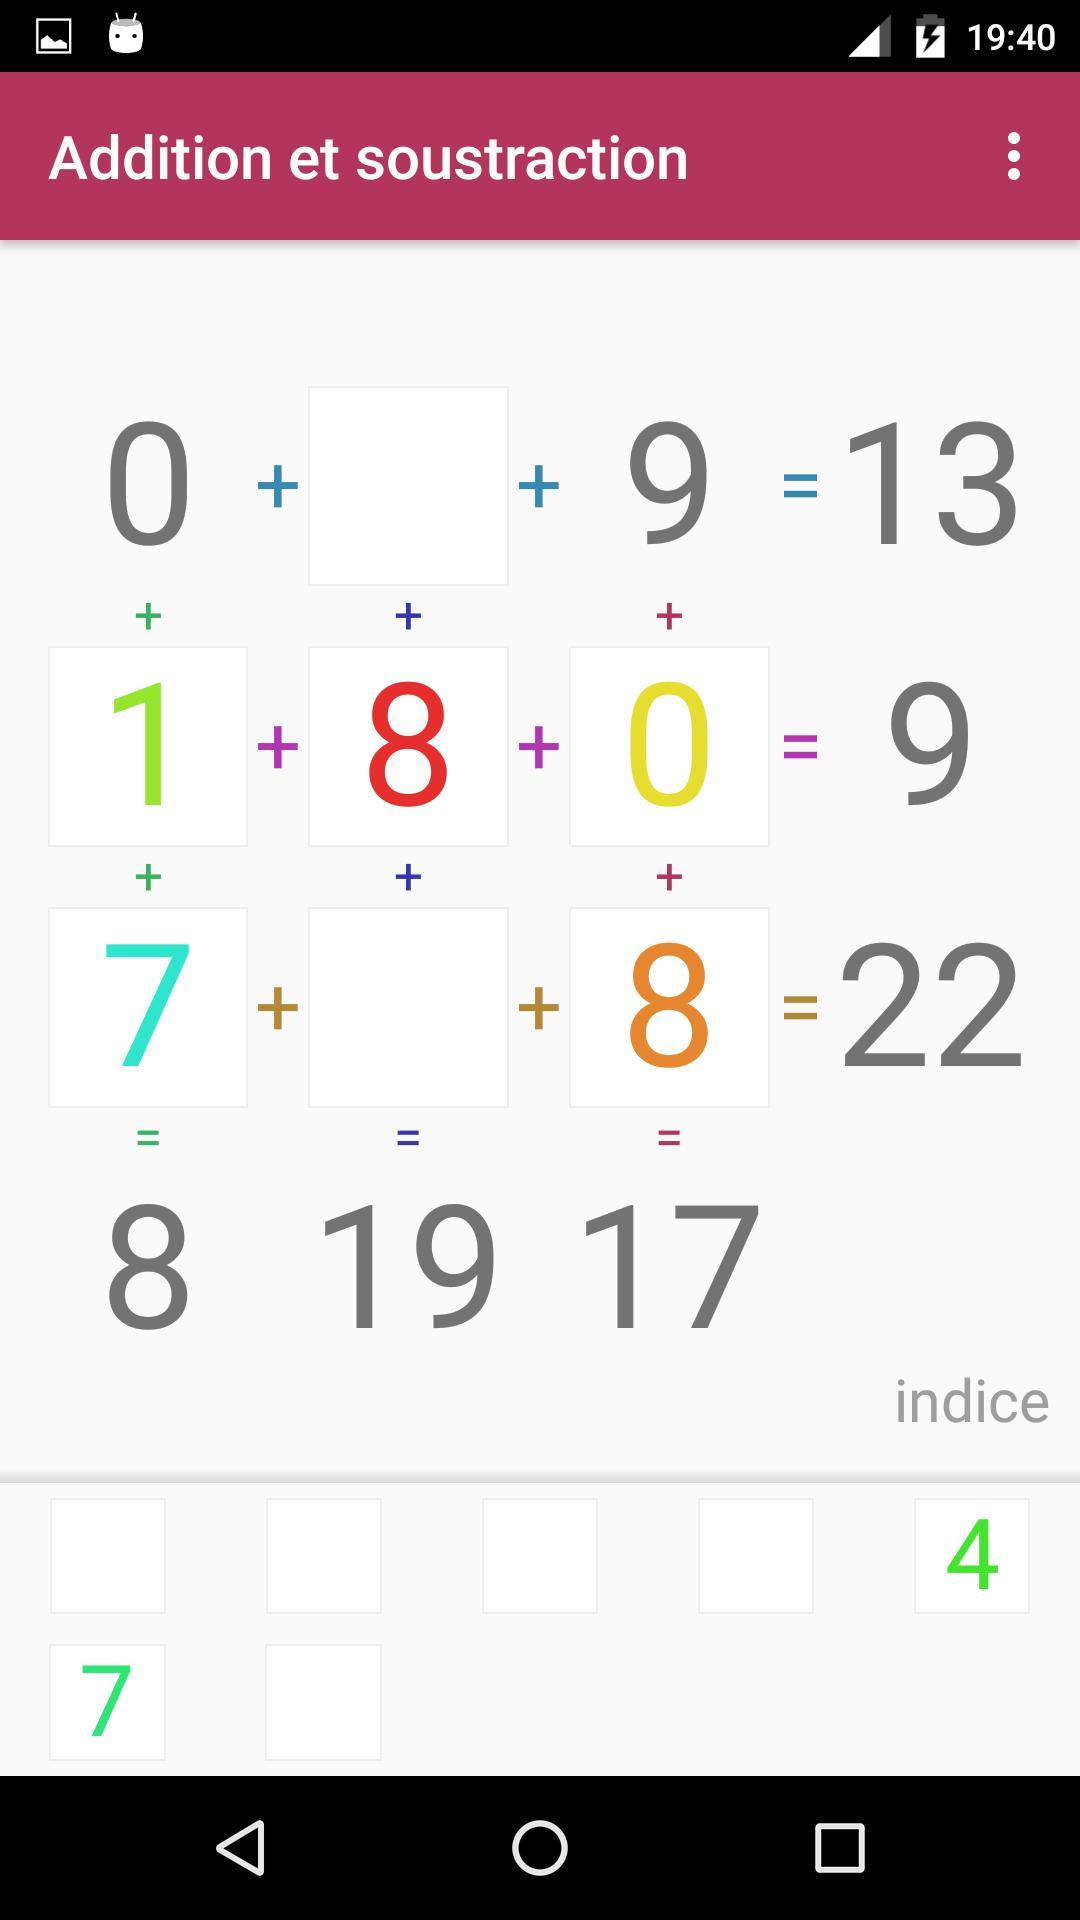 Android Için Jeu D'addition Et Soustraction - Apk'yı İndir intérieur Comment Jouer Sudoku